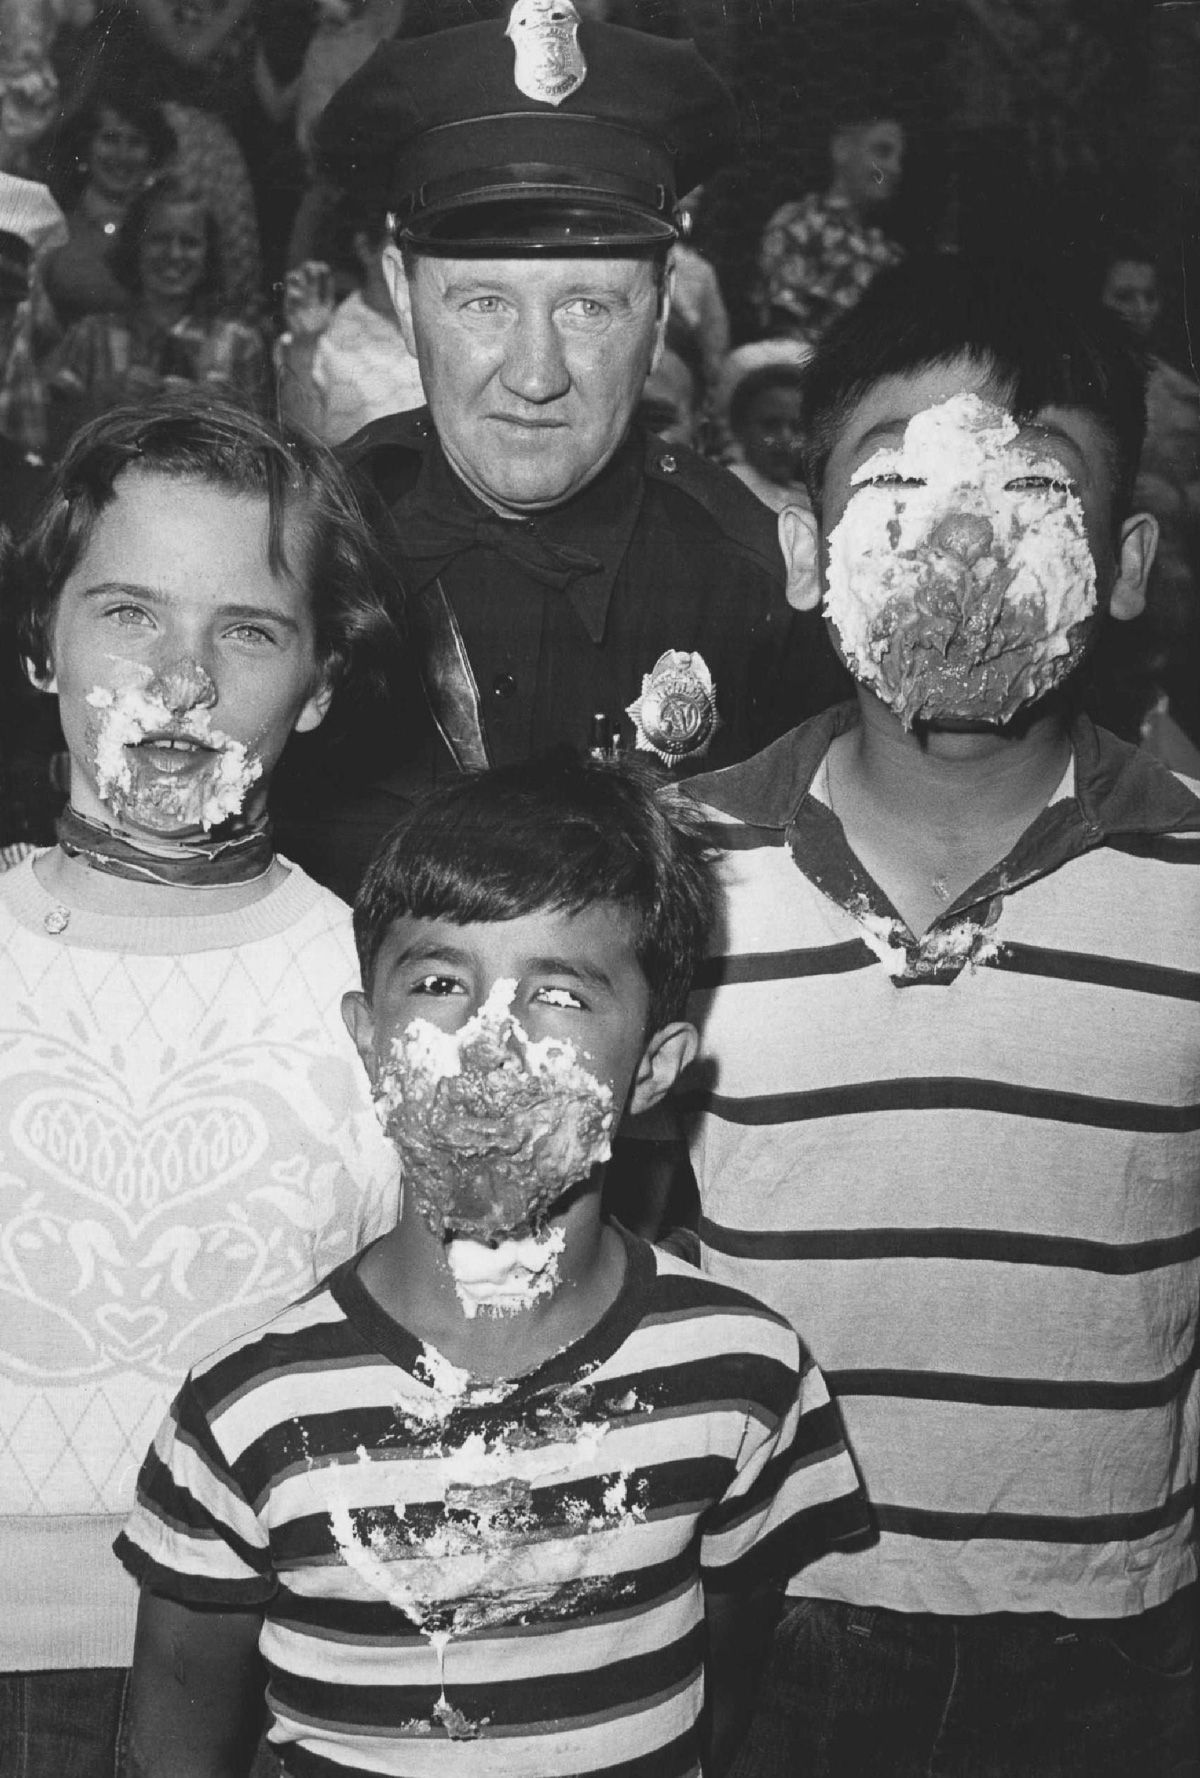 Tente não engasgar com essas fotos antigas de concursos de comilança 13